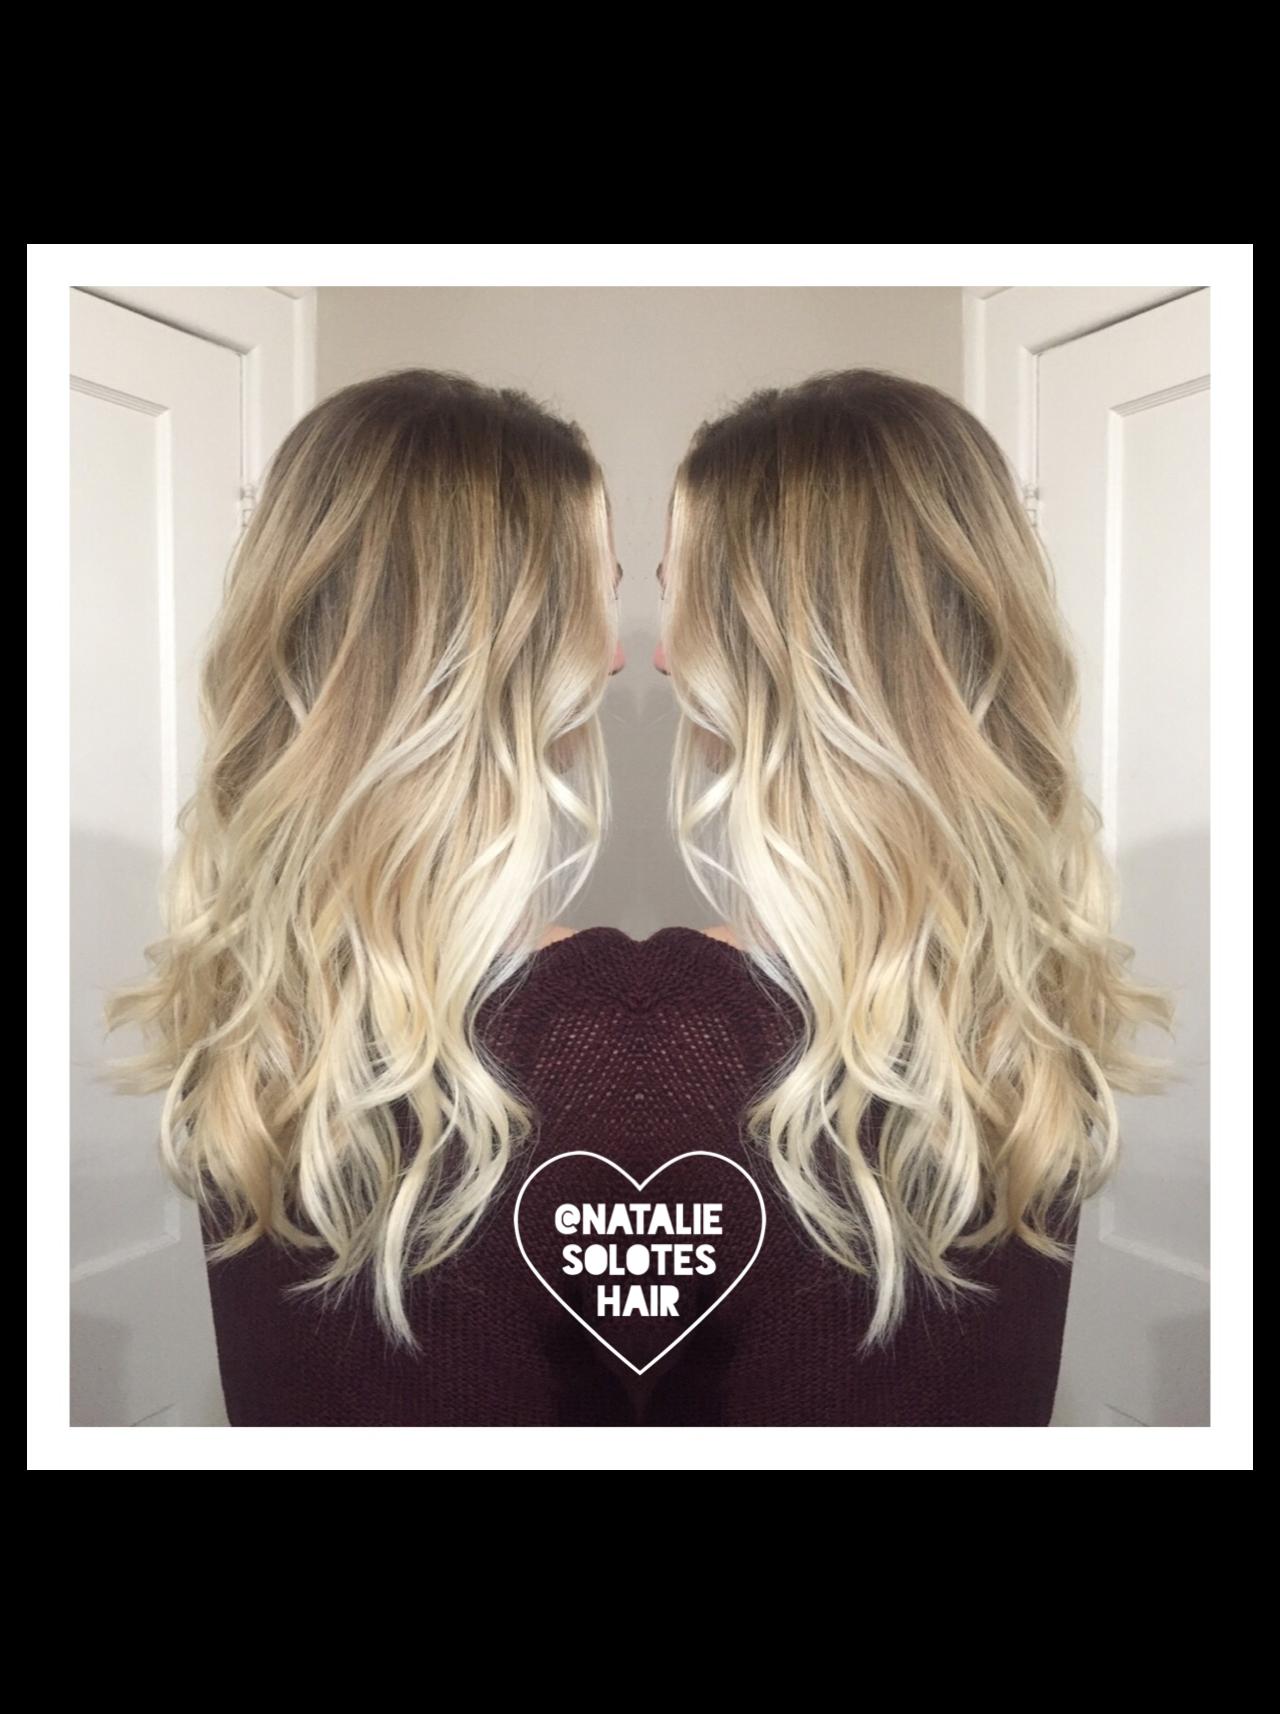 Balayage Specialist And Colorist Salon Hair Salon Buffalo Ny Wny